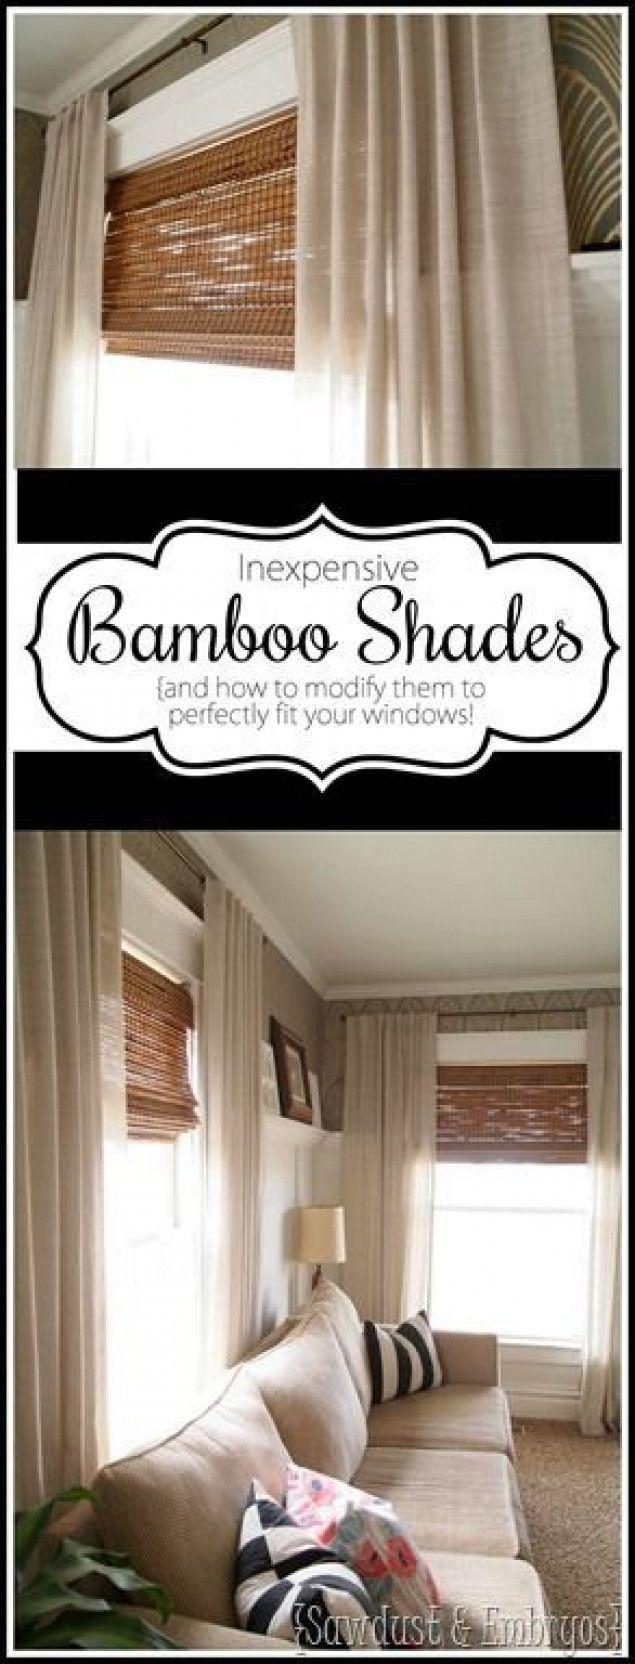 Des instructions détaillées sur la coupe des stores en bambou tissé pour s'adapter parfaitement à votre …